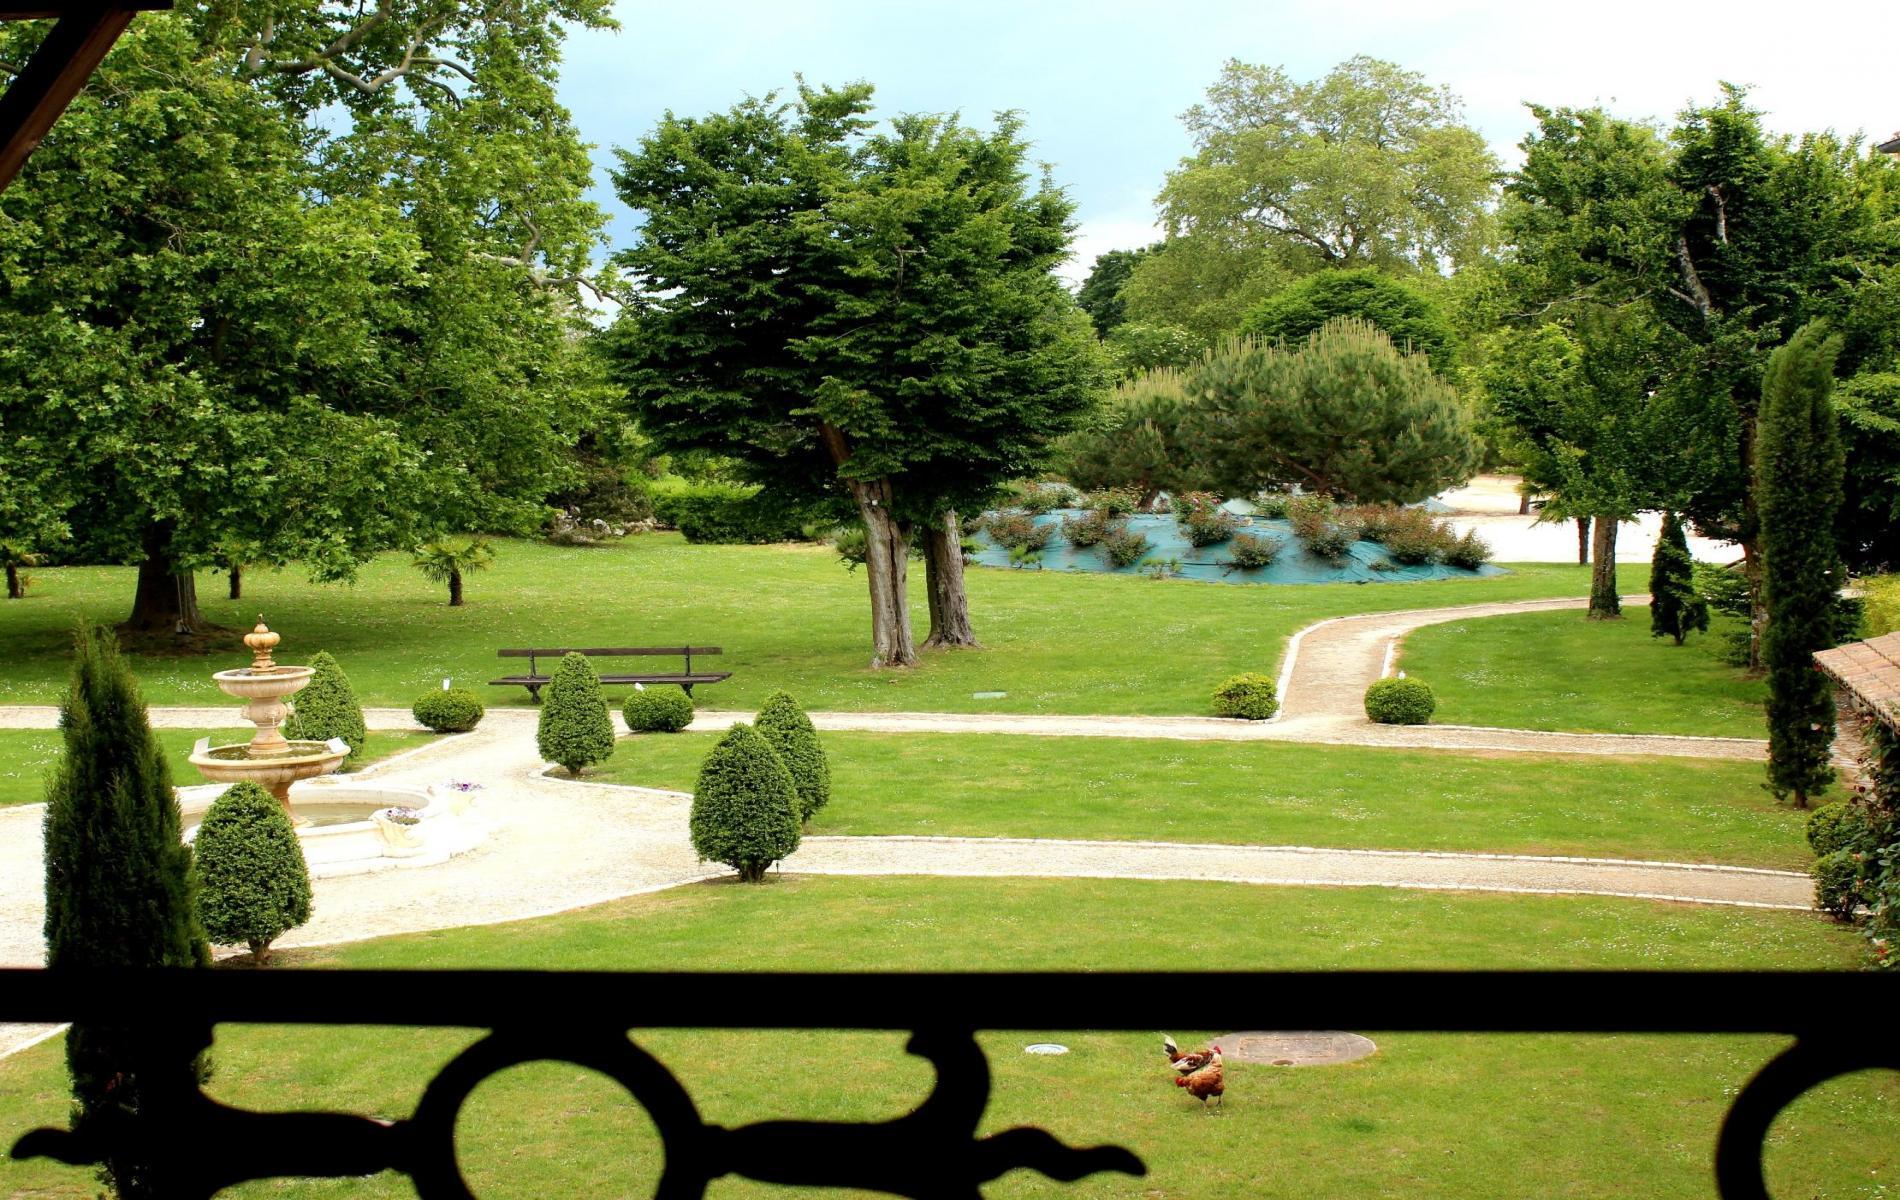 Domaine des chais h tel restaurant proche de saintes en for Restaurant yvelines avec jardin